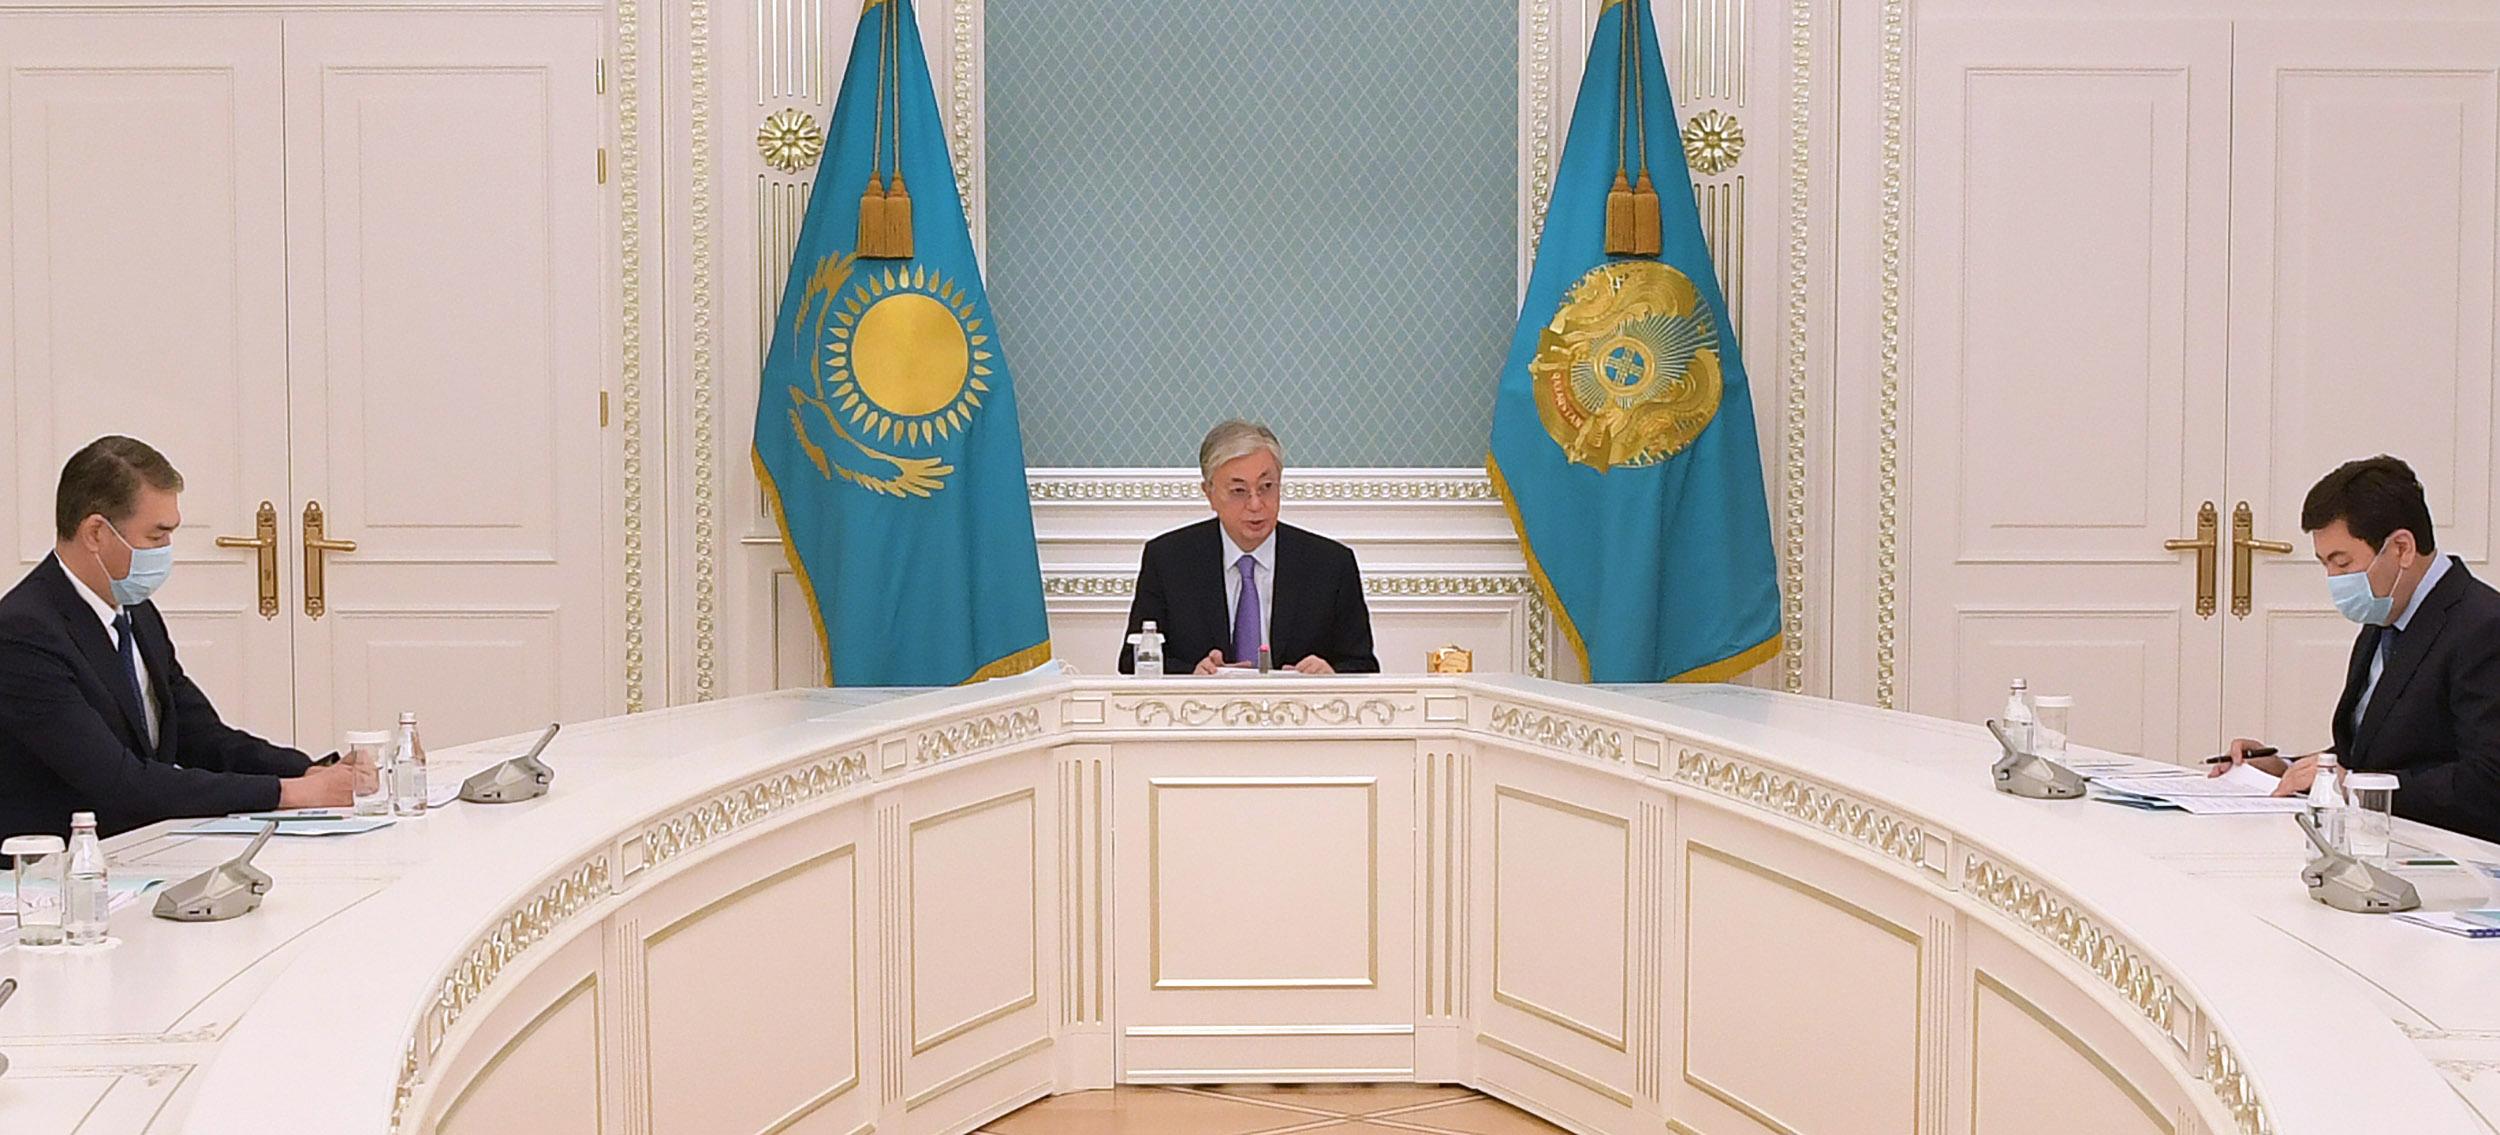 Глава государства провел совещание с руководством правоохранительных органов